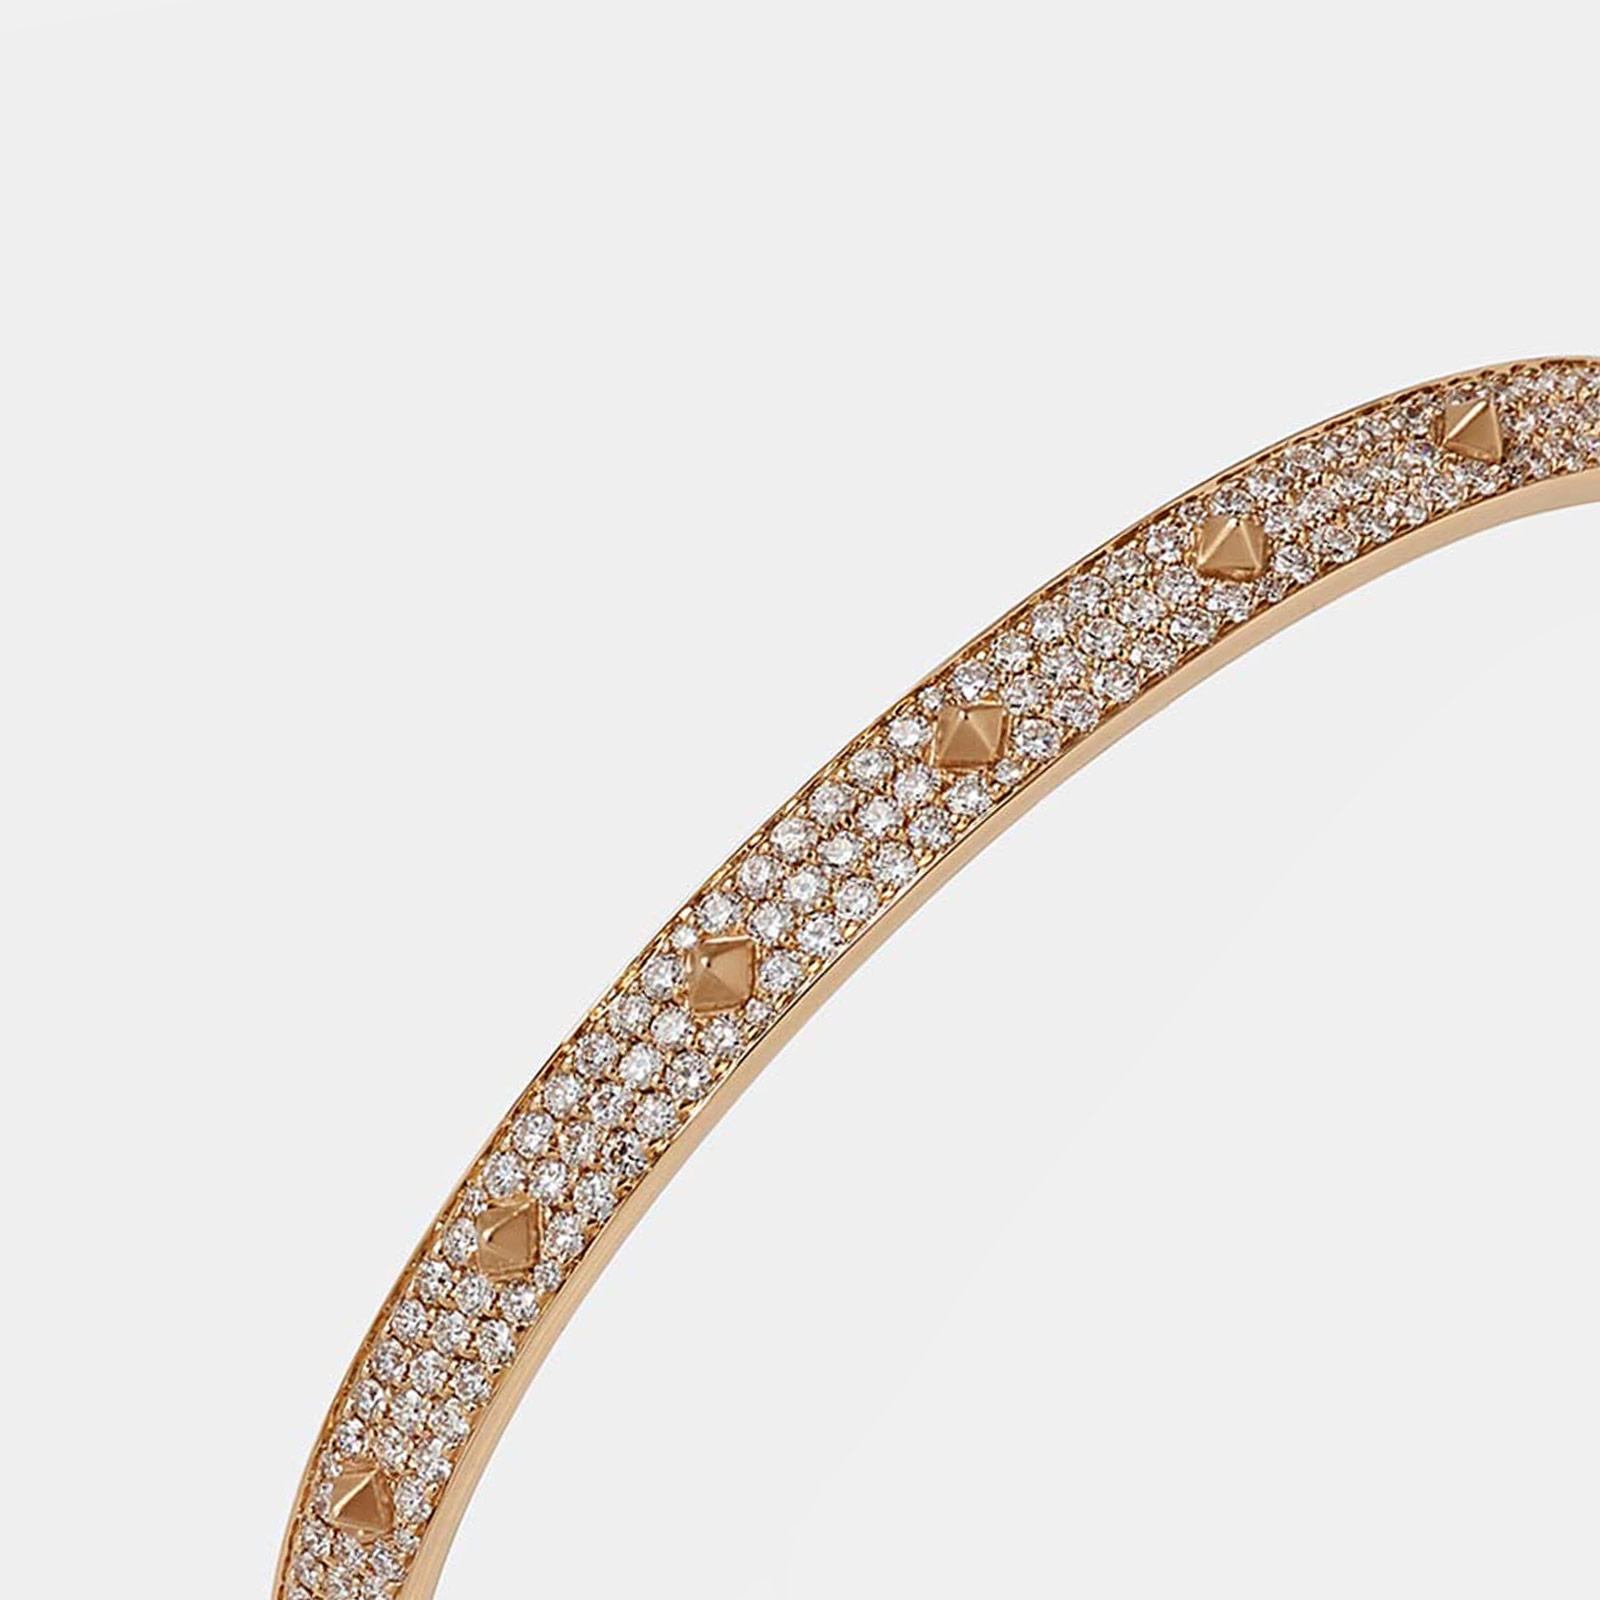 Crivelli - Bracciale rigido in oro rosa con borchie e pavè di brillanti - Rosanna Cattolico gioielli